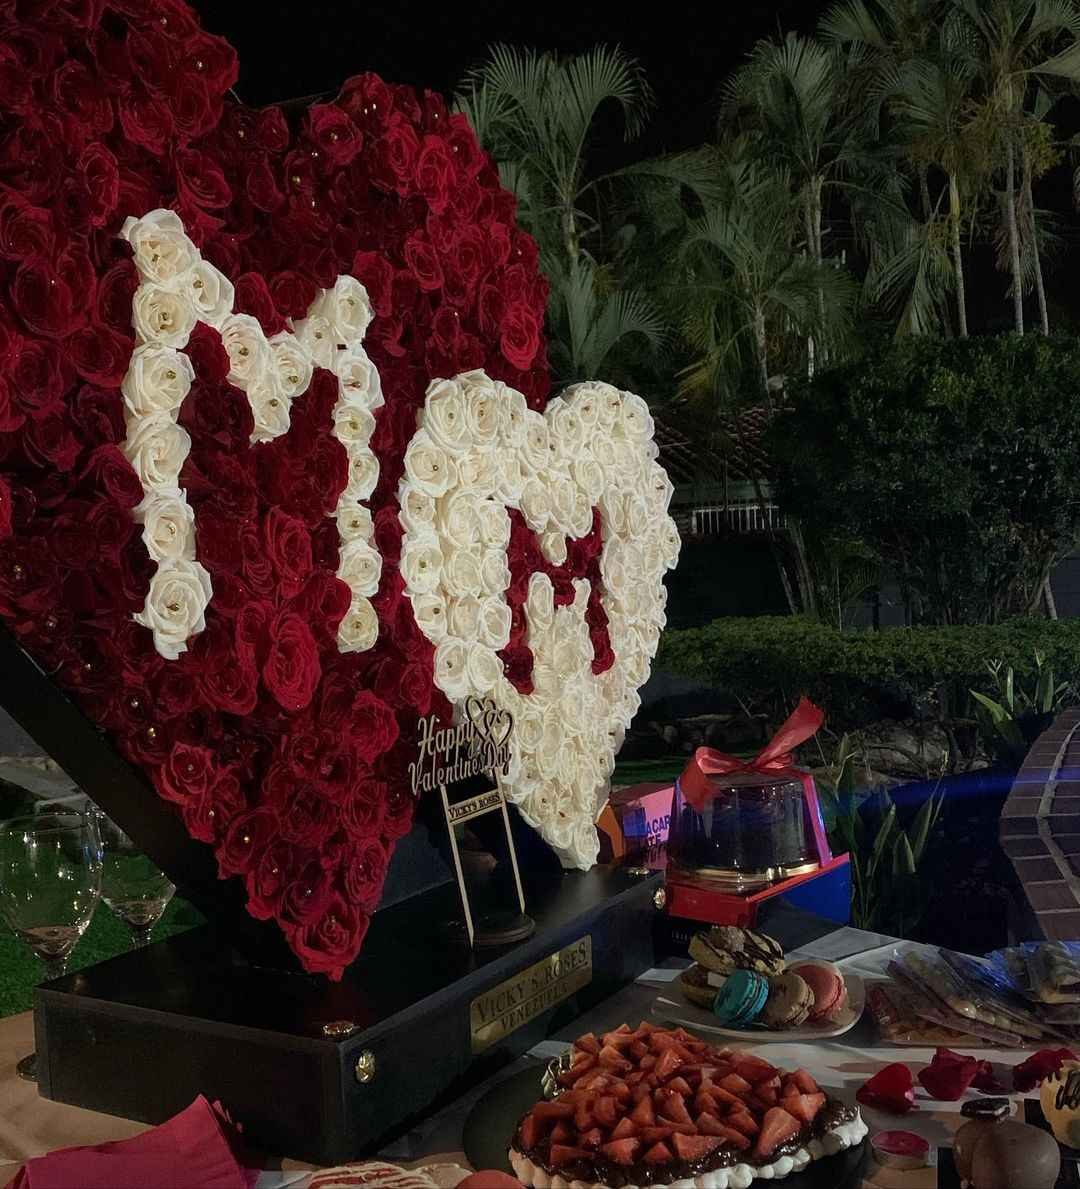 arreglo de flores de Nacho para Melany Mille el 14 de febrero 1